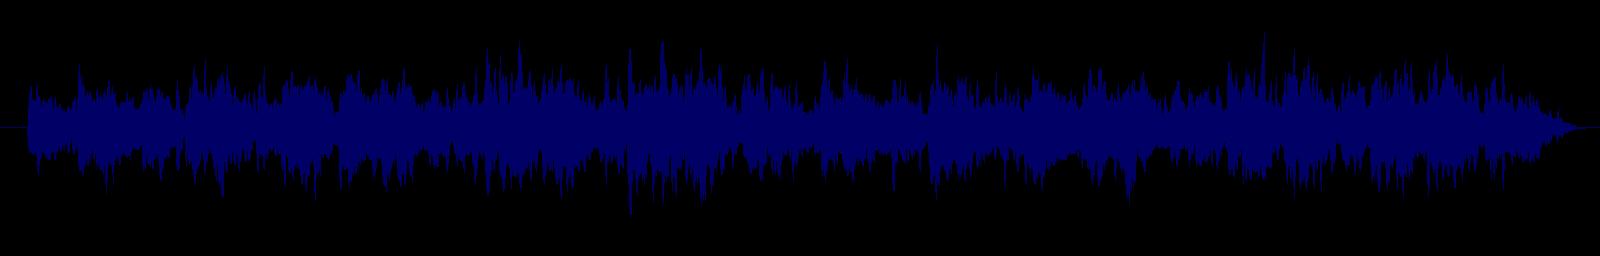 waveform of track #144941